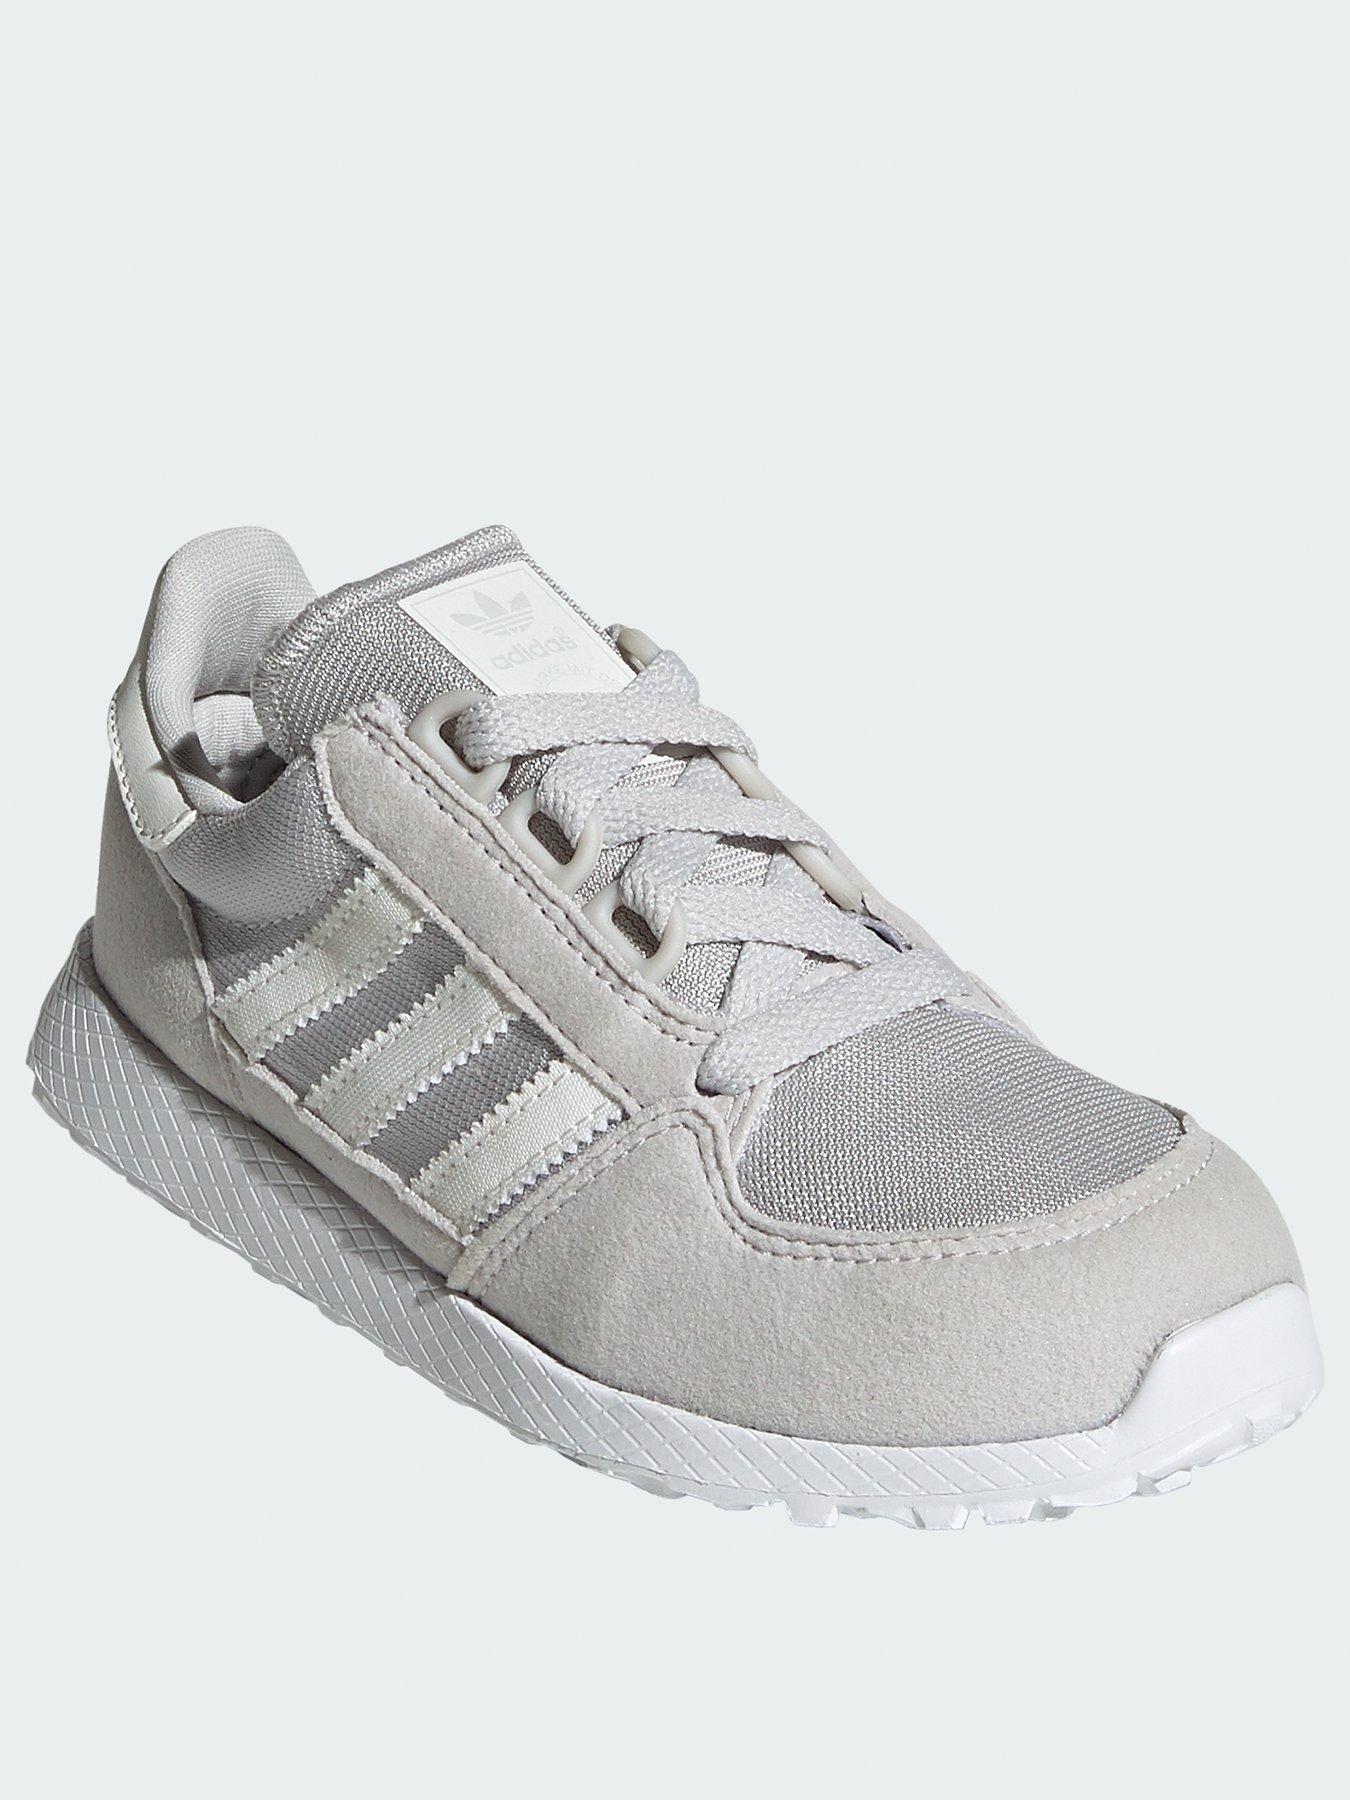 Adidas Originals Forest Grove Childrens